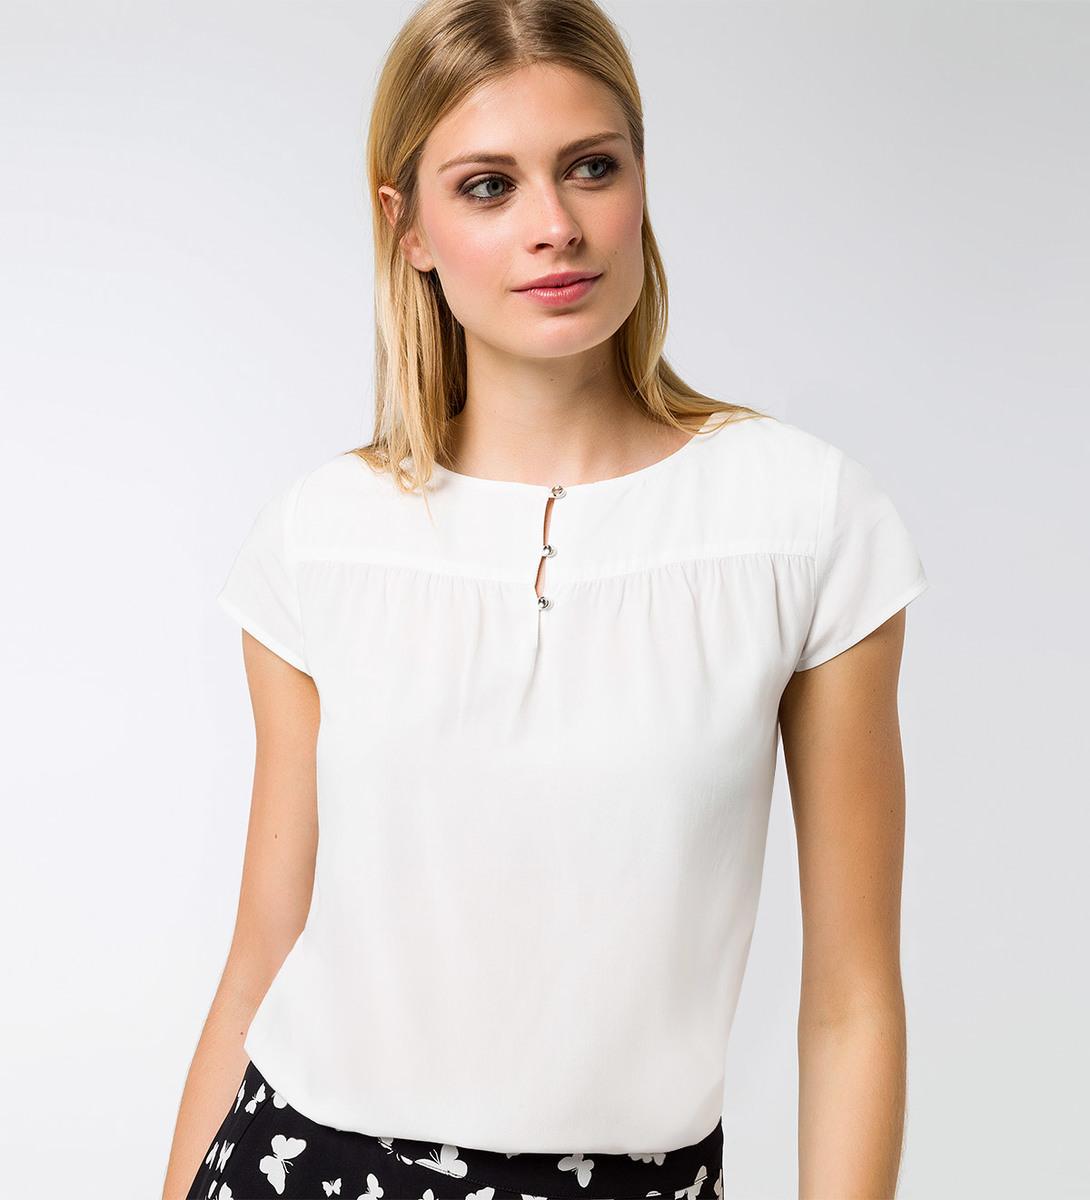 Bluse mit kleiner Knopfleiste in offwhite